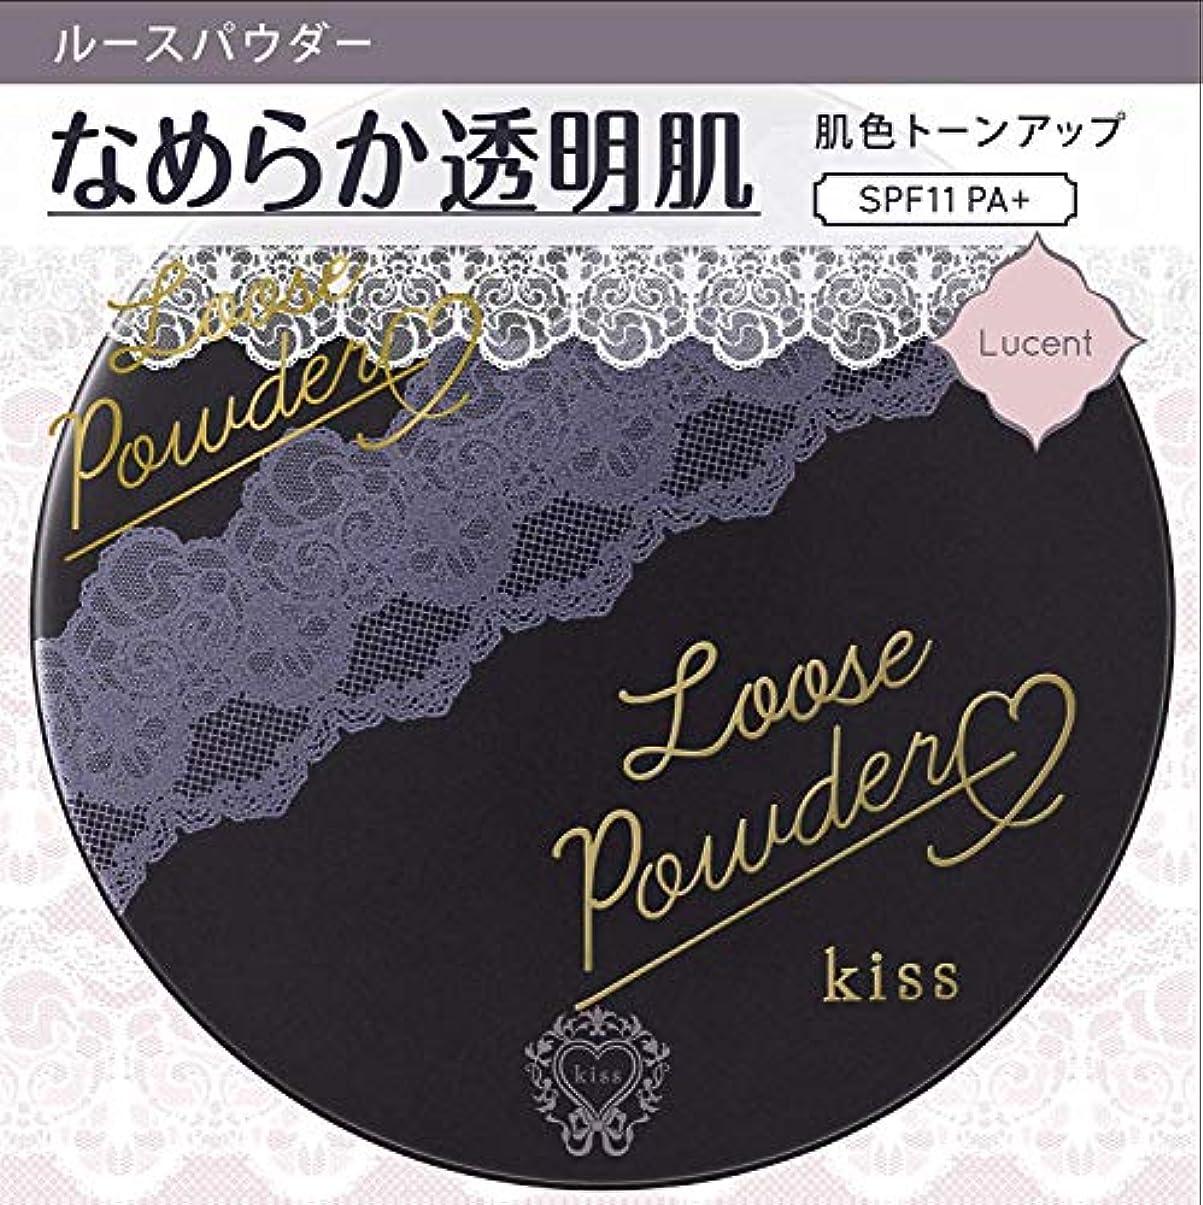 本質的にお風呂意識的キス ルースパウダー ルーセント 9g